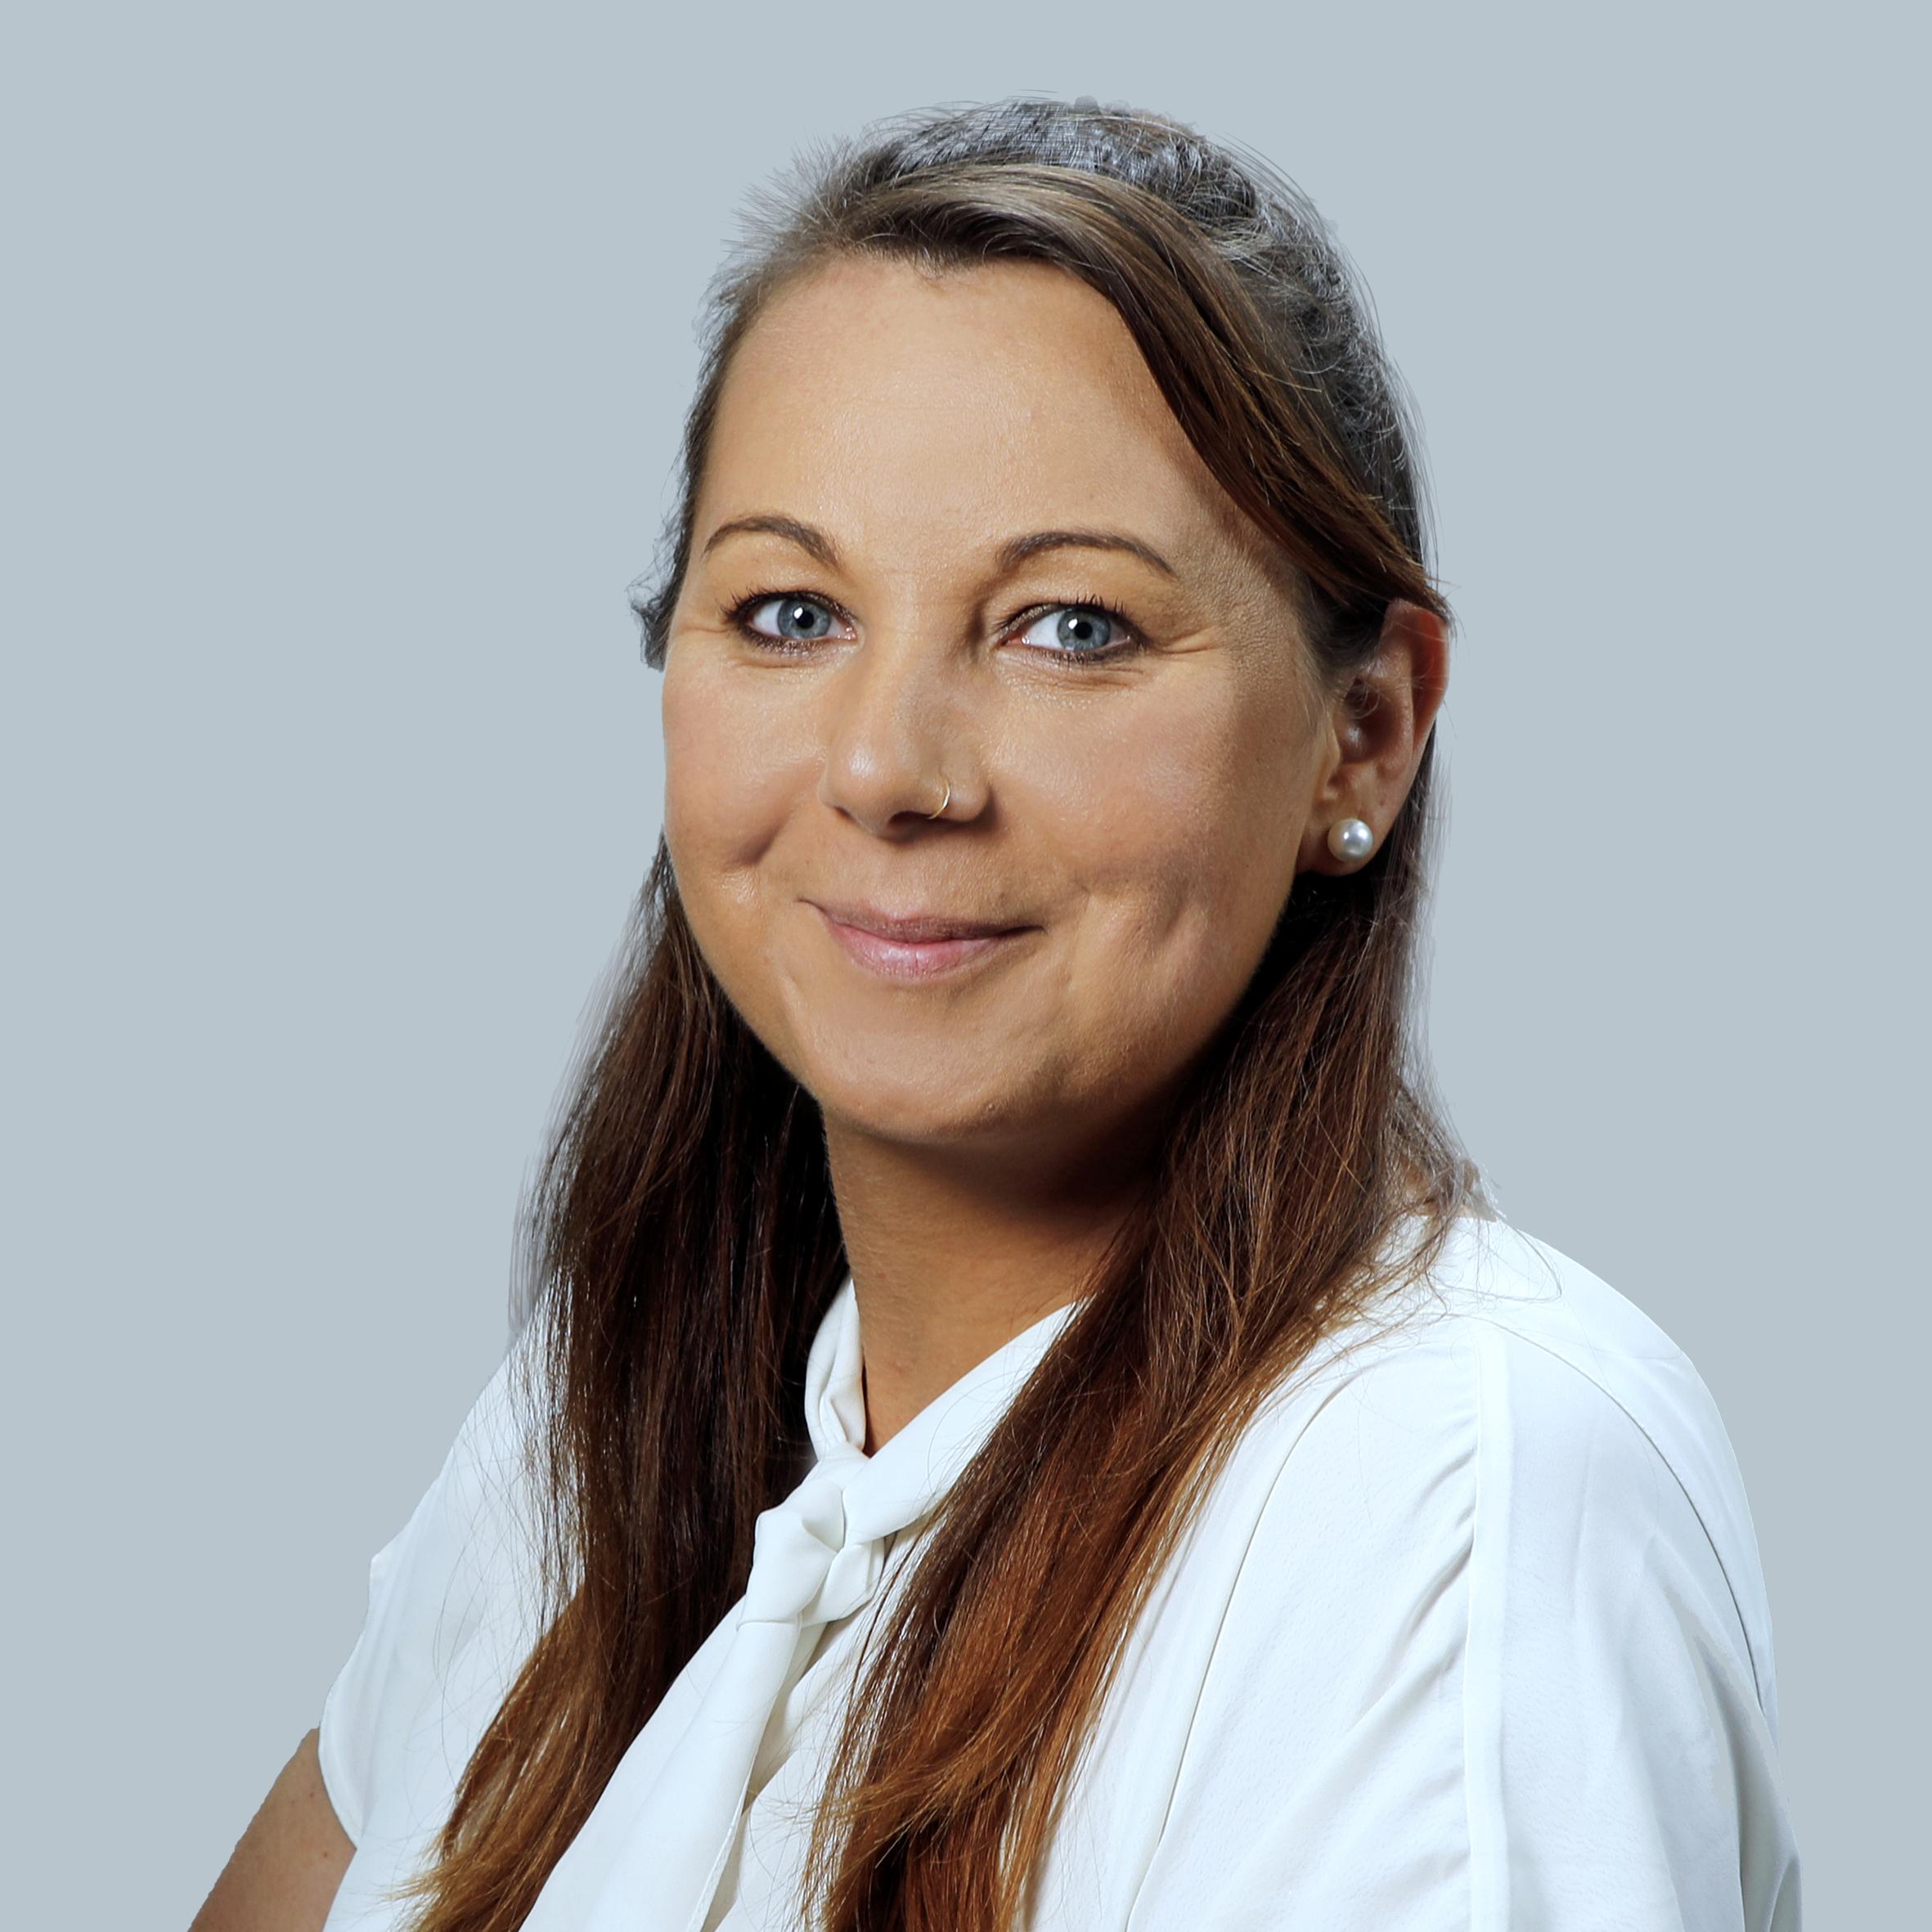 Jennifer Herz